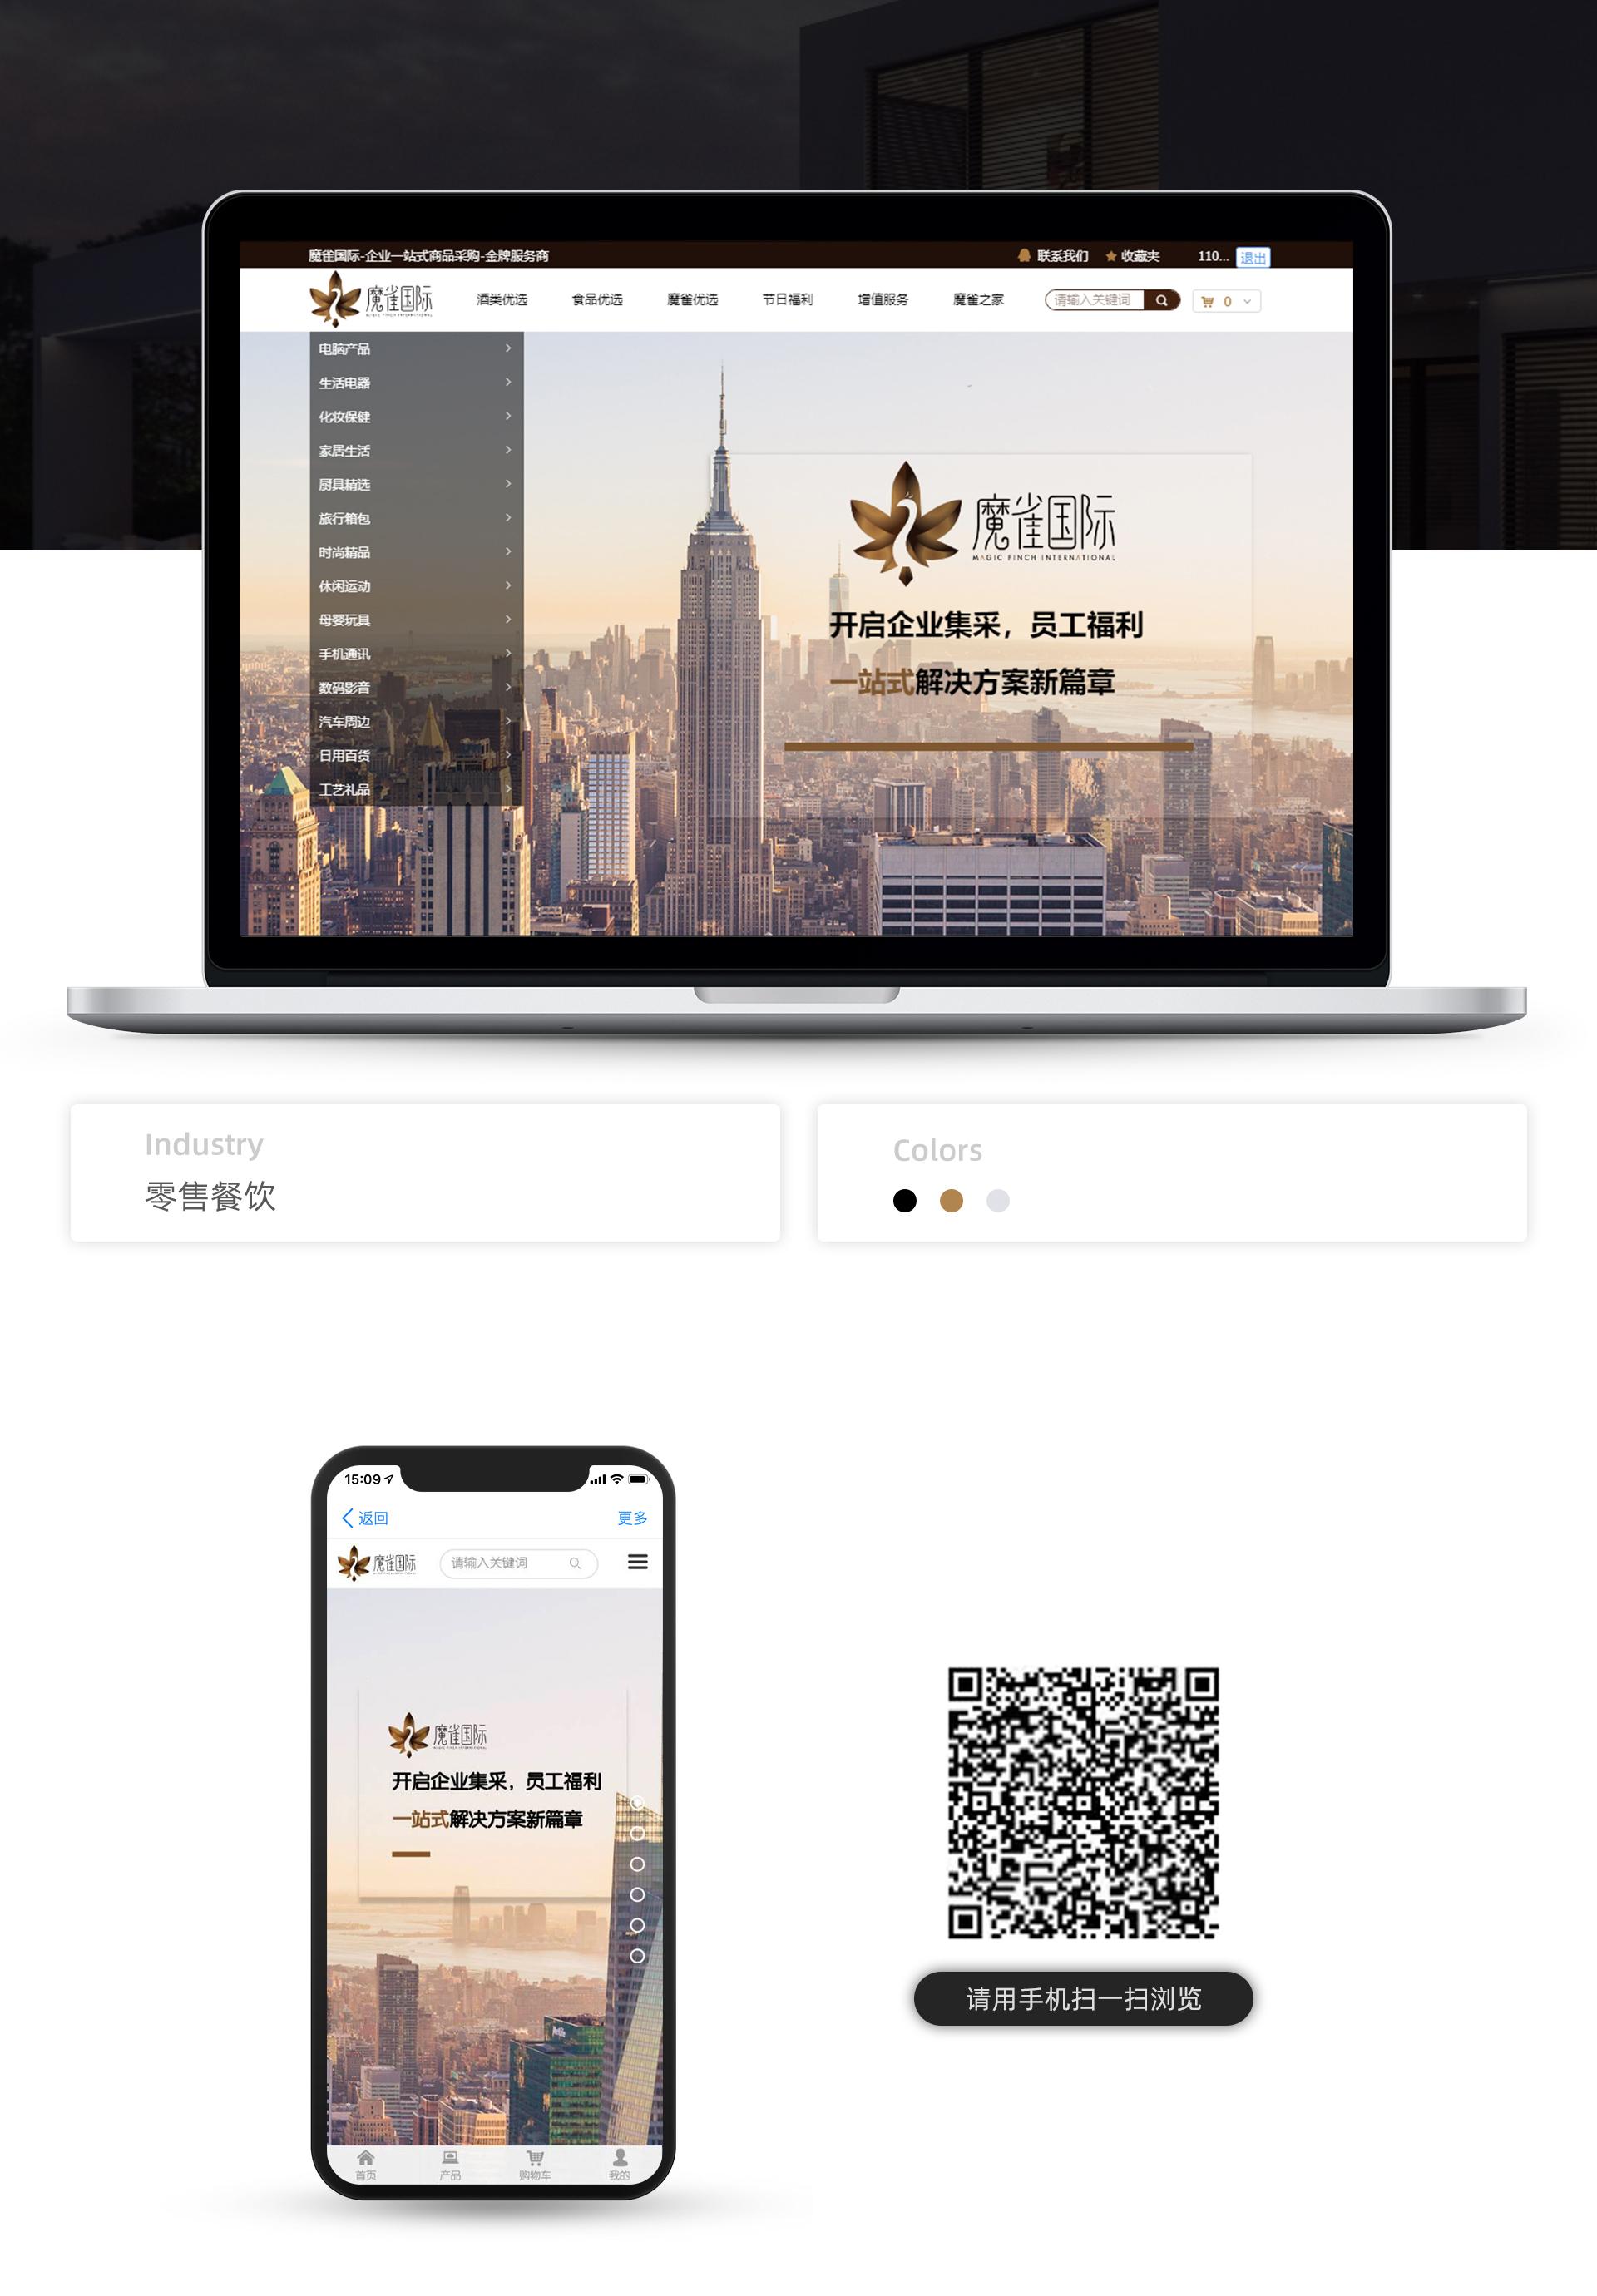 潘盼-潘盼-魔雀国际_01